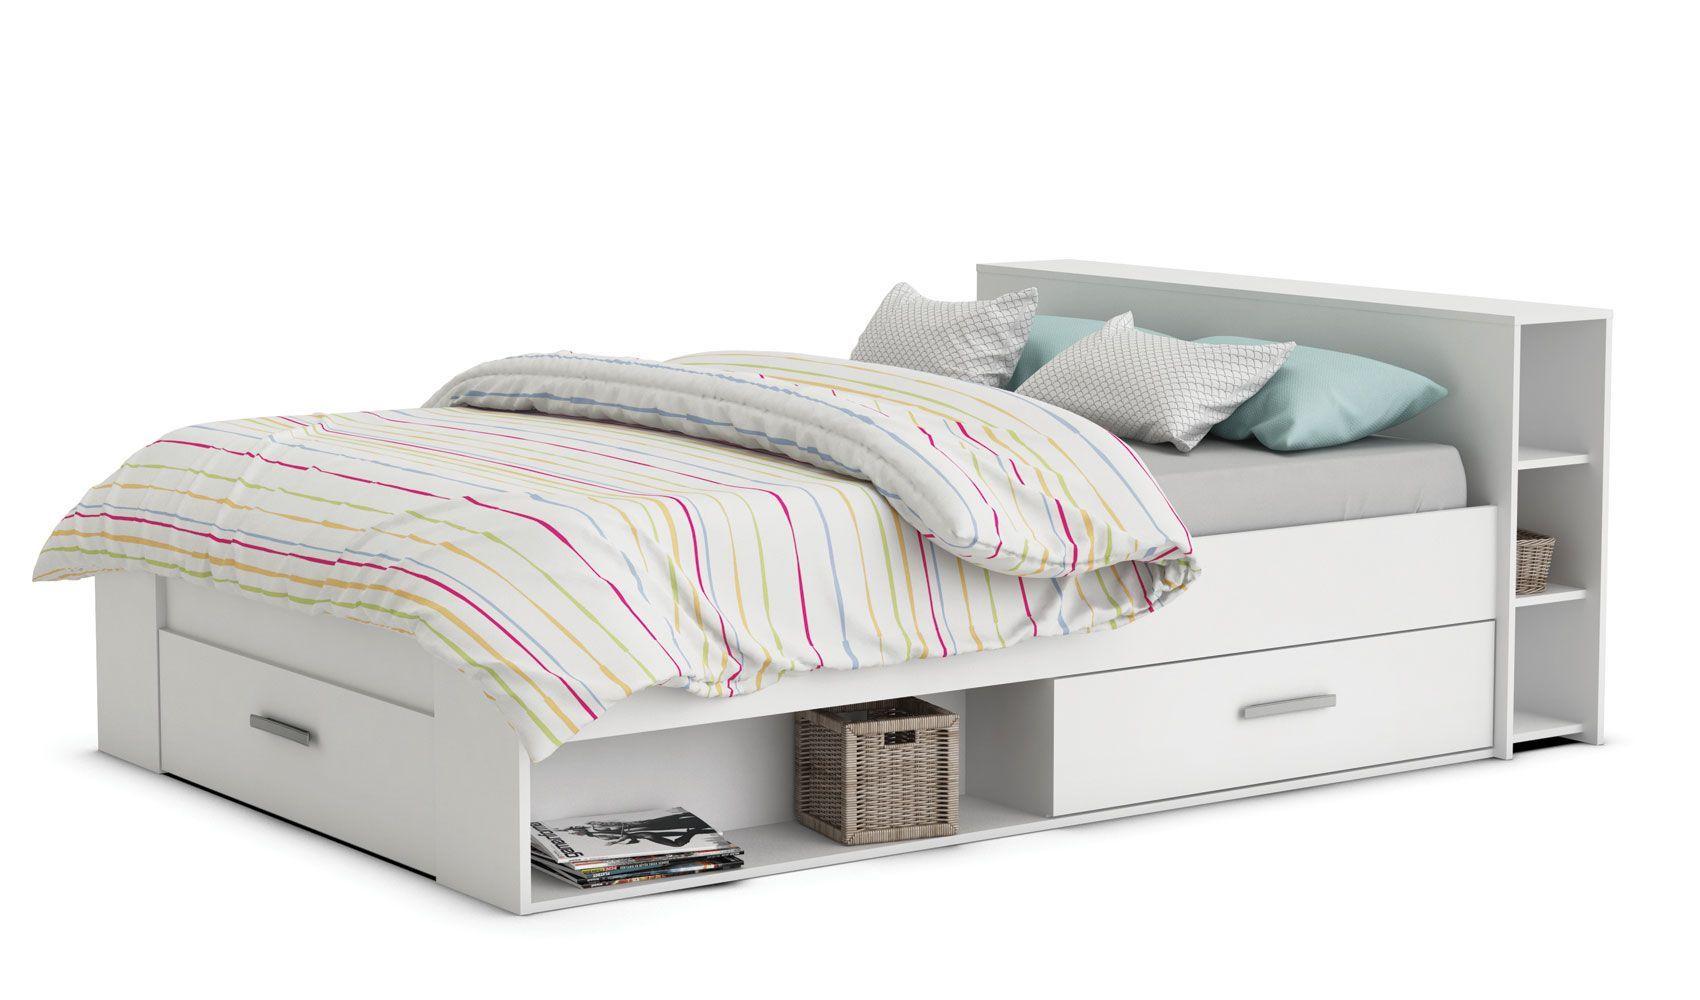 Genial Bett 120x200 Mit Stauraum Bett 120x200 Bett 120x200 Weiss Bett 120